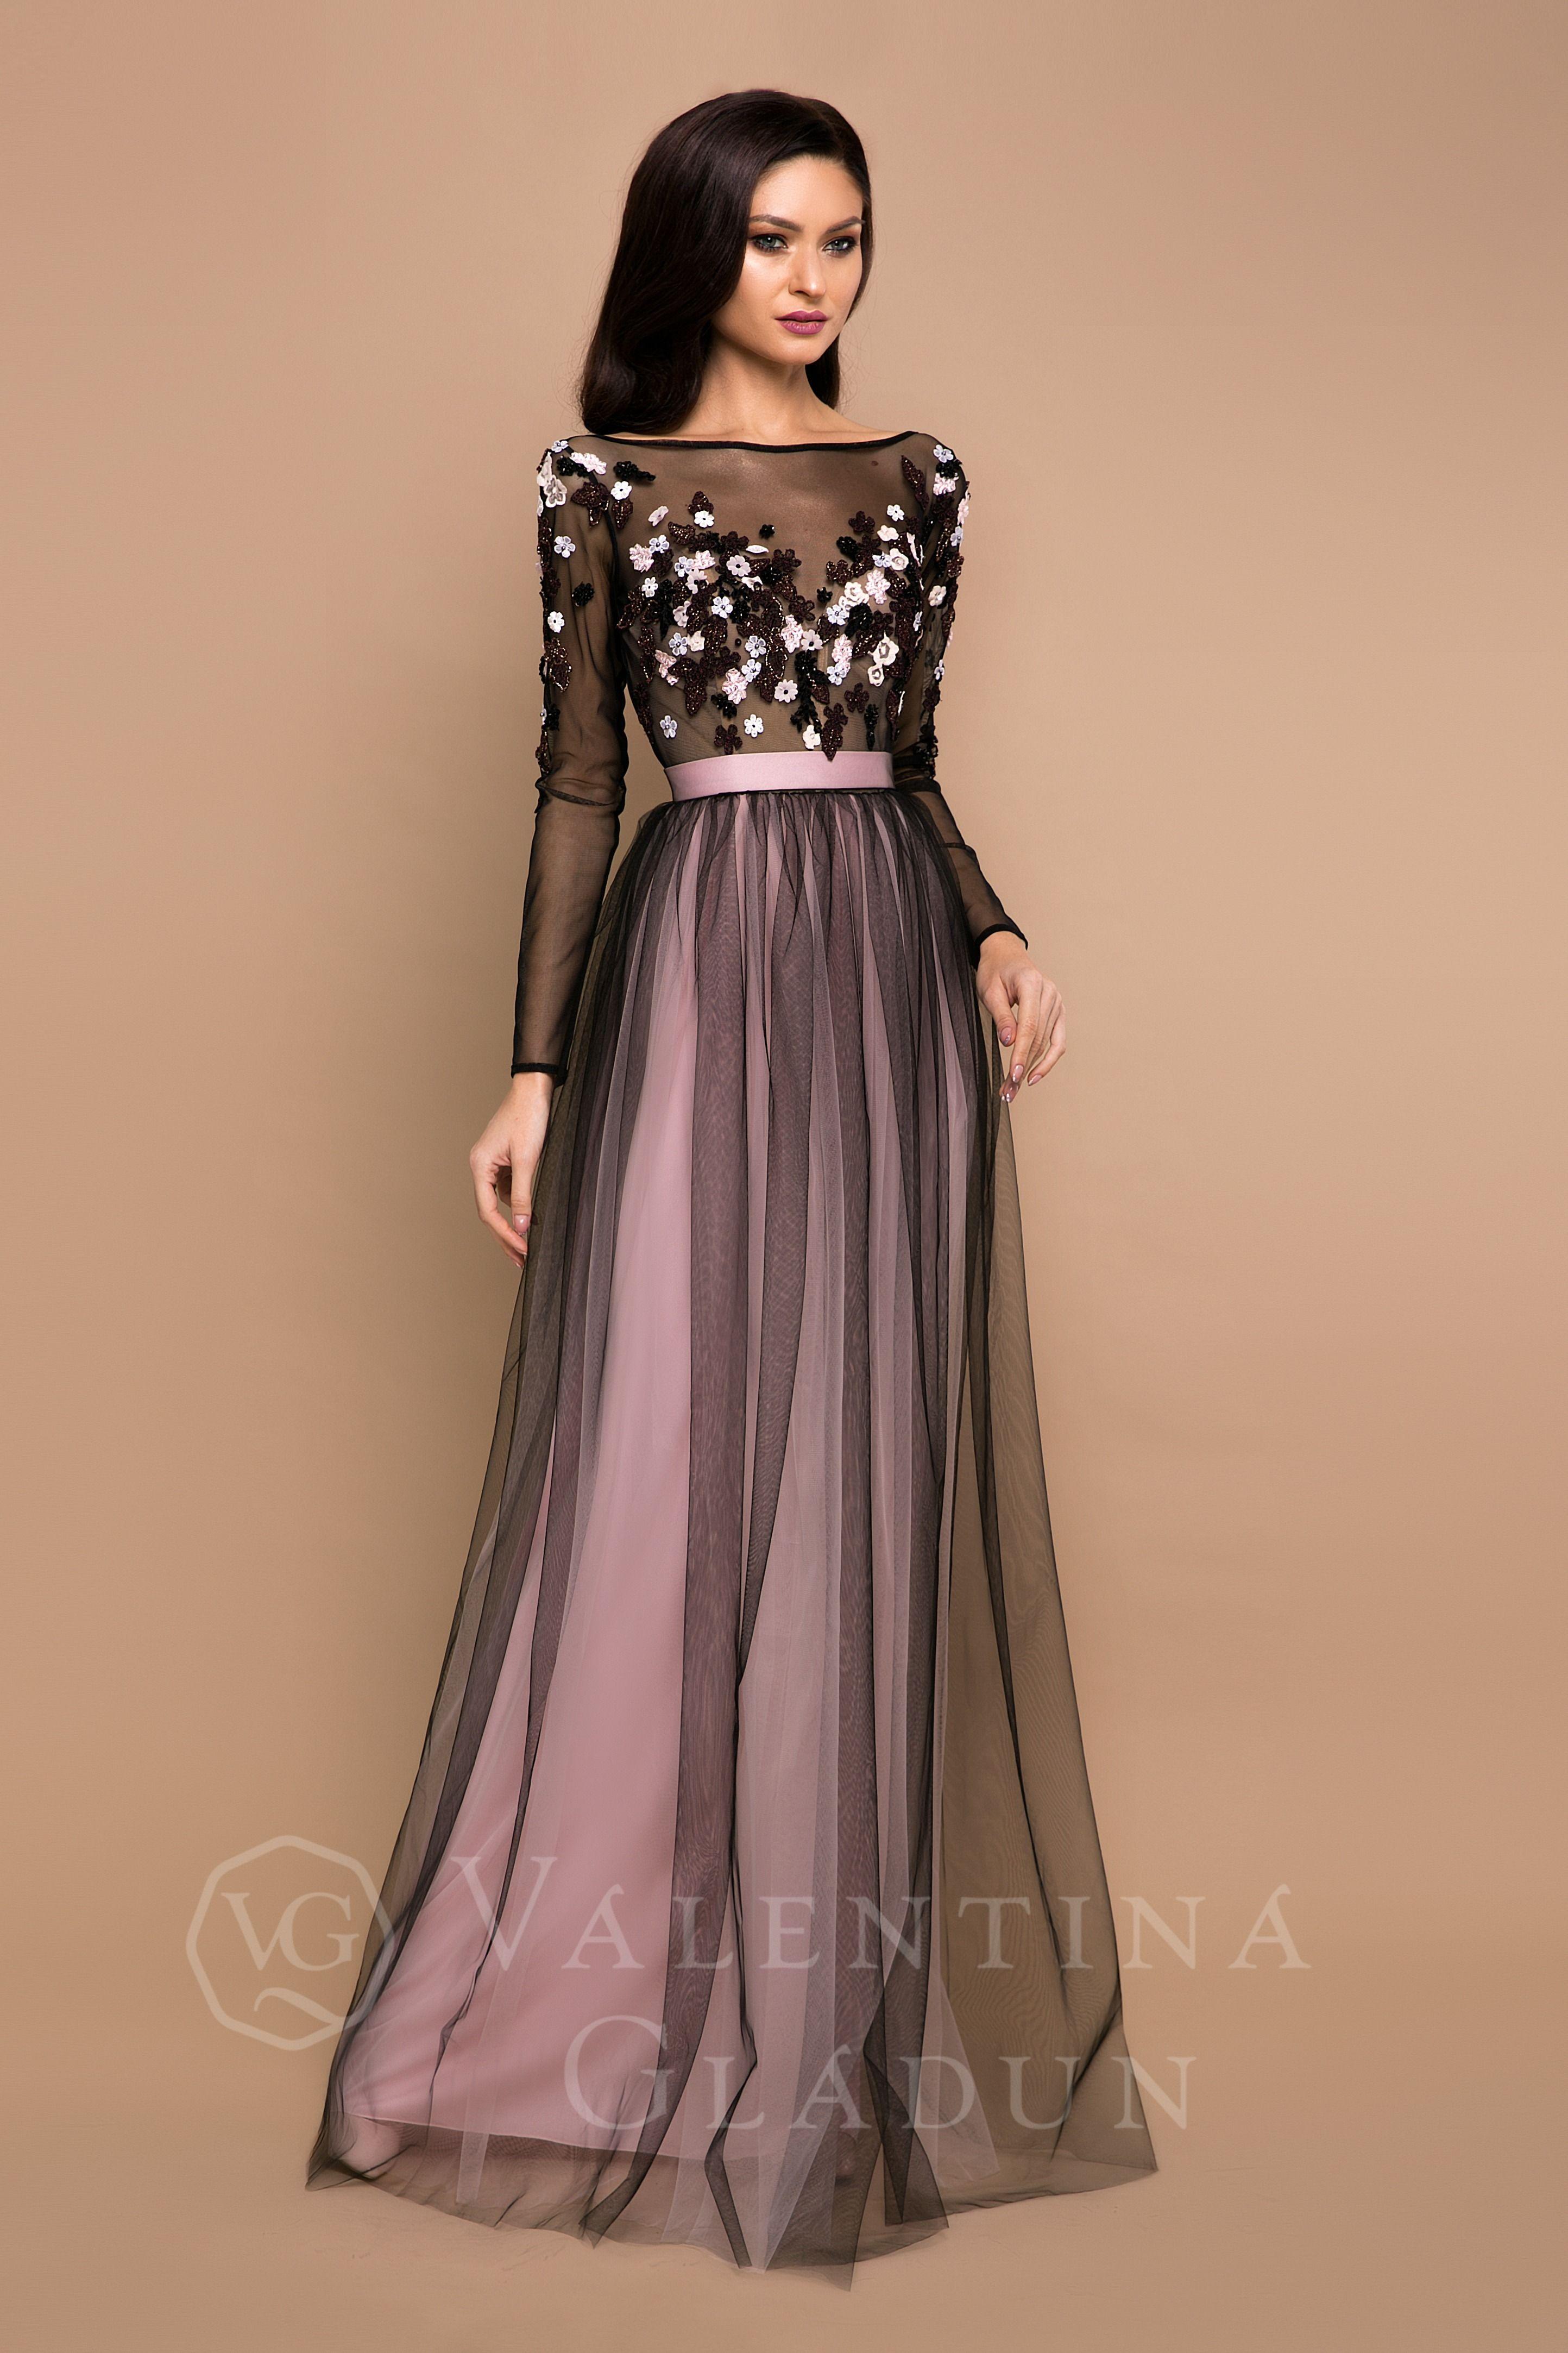 8046e61d97b Дизайнерское вечернее платье Лиф и длинные рукава изготовлены из нежного  евро-фатина. Юбка легкая